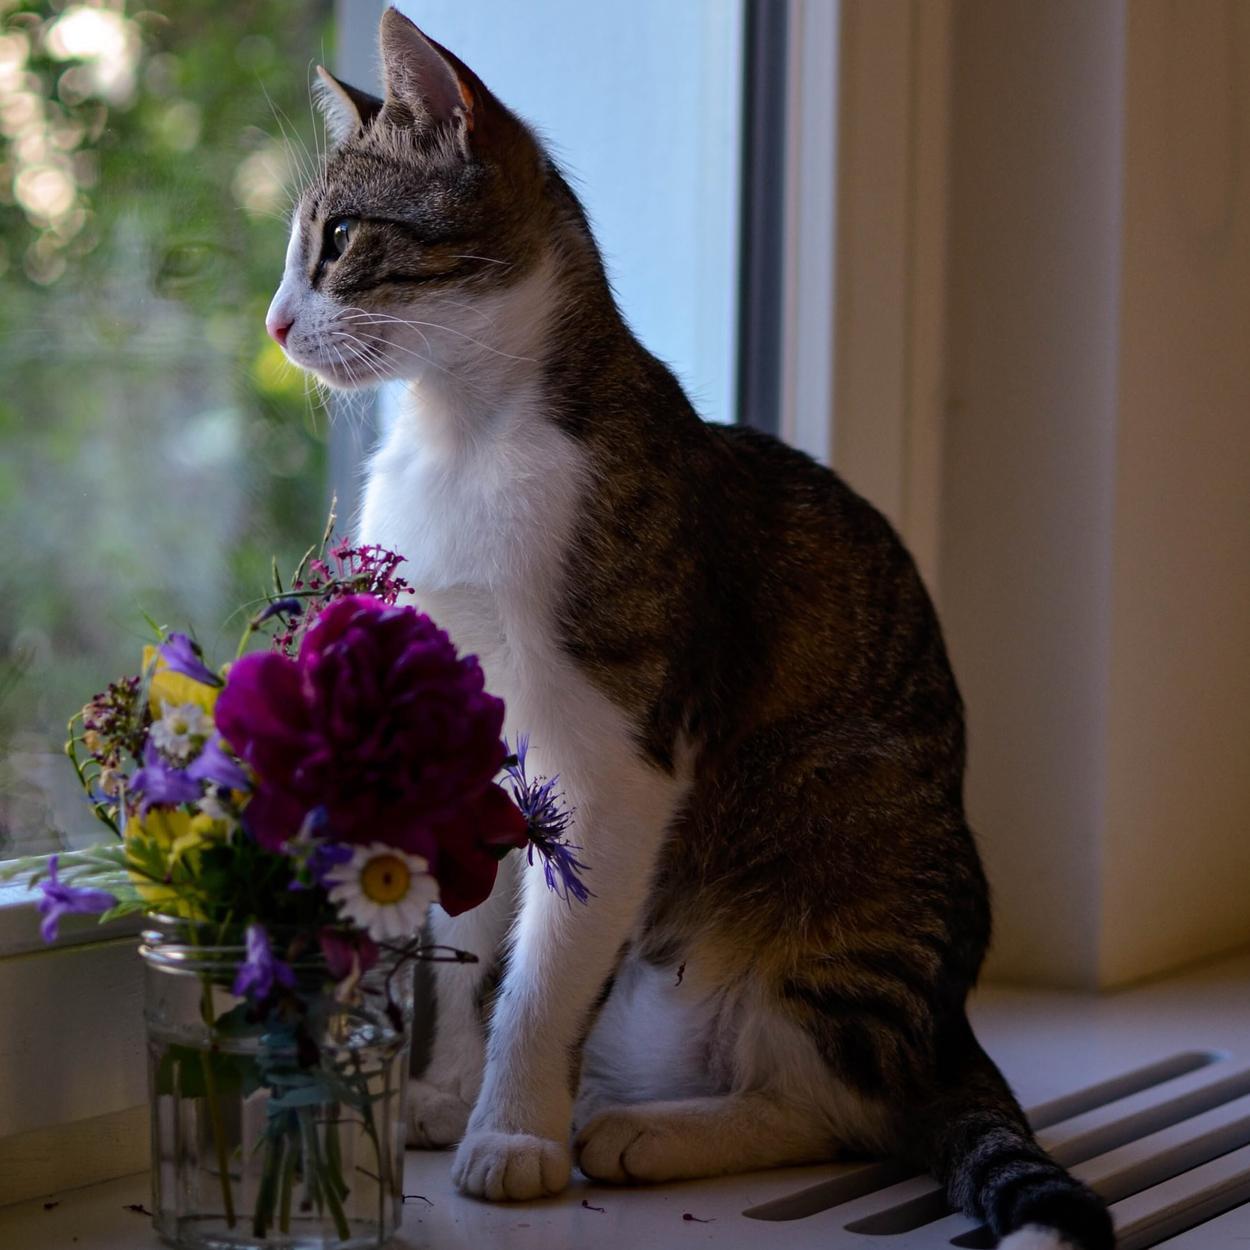 Flores venenosas para gatos